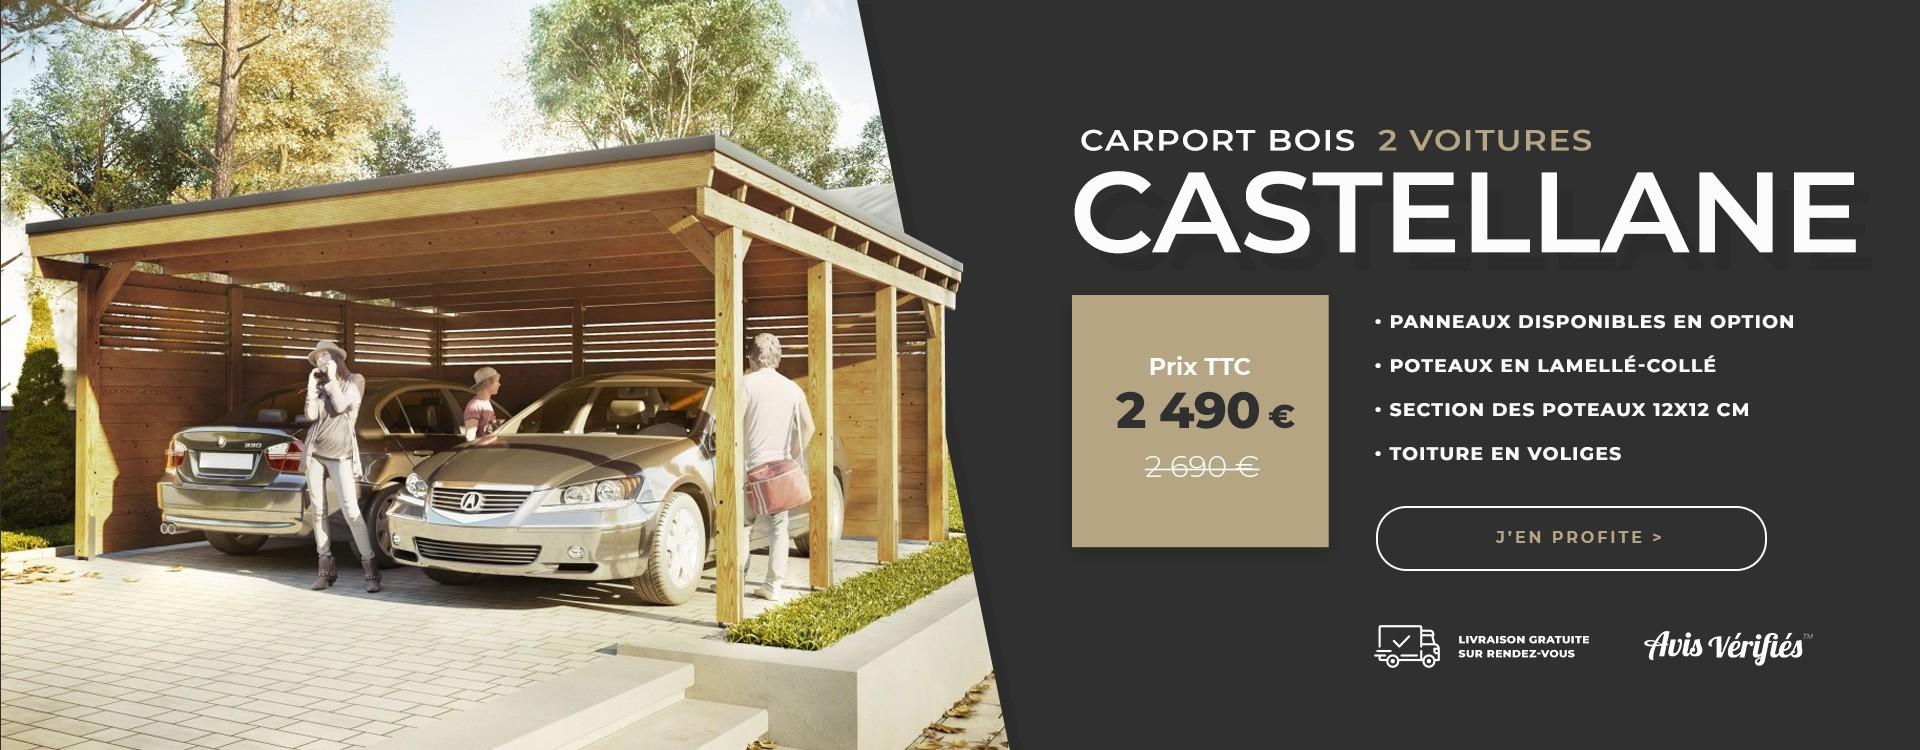 carport bois deux voitures castellane